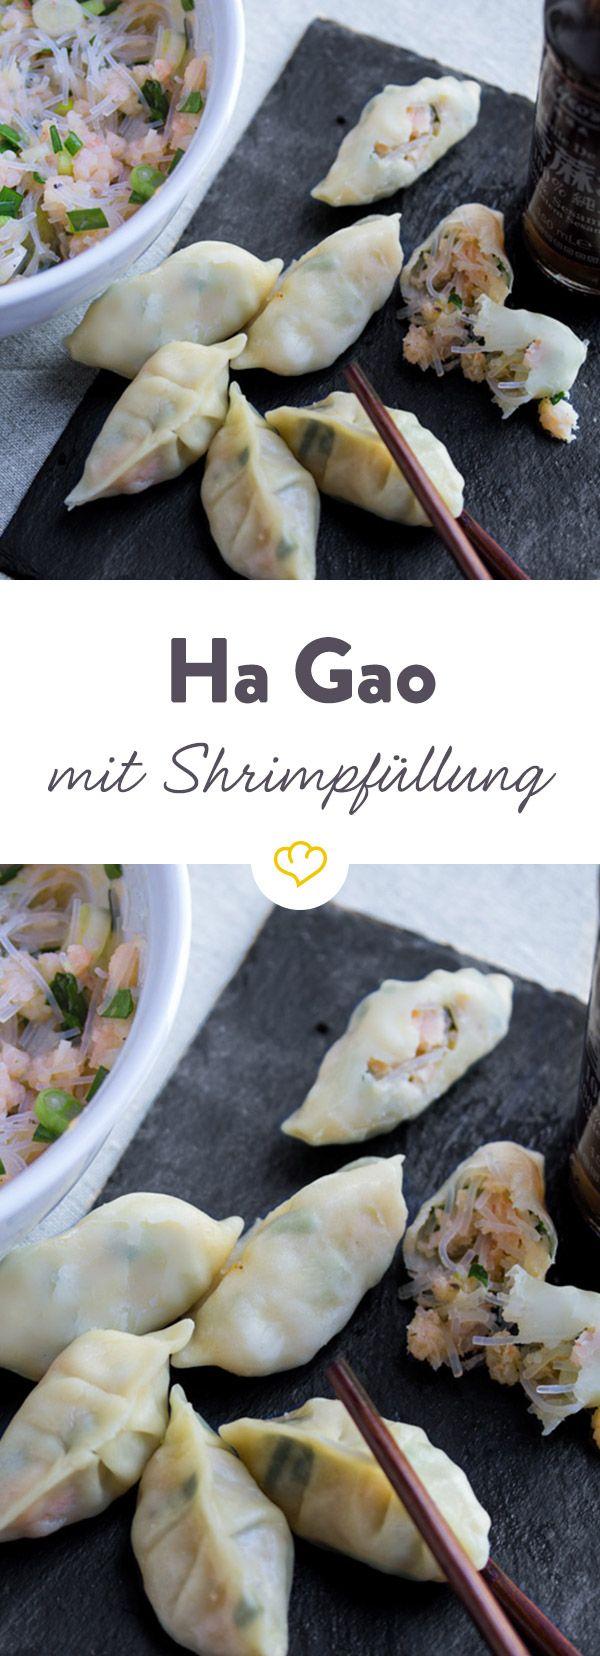 Photo of Ha Gao – Gedämpfte Teigtaschen mit Shrimp-Füllung